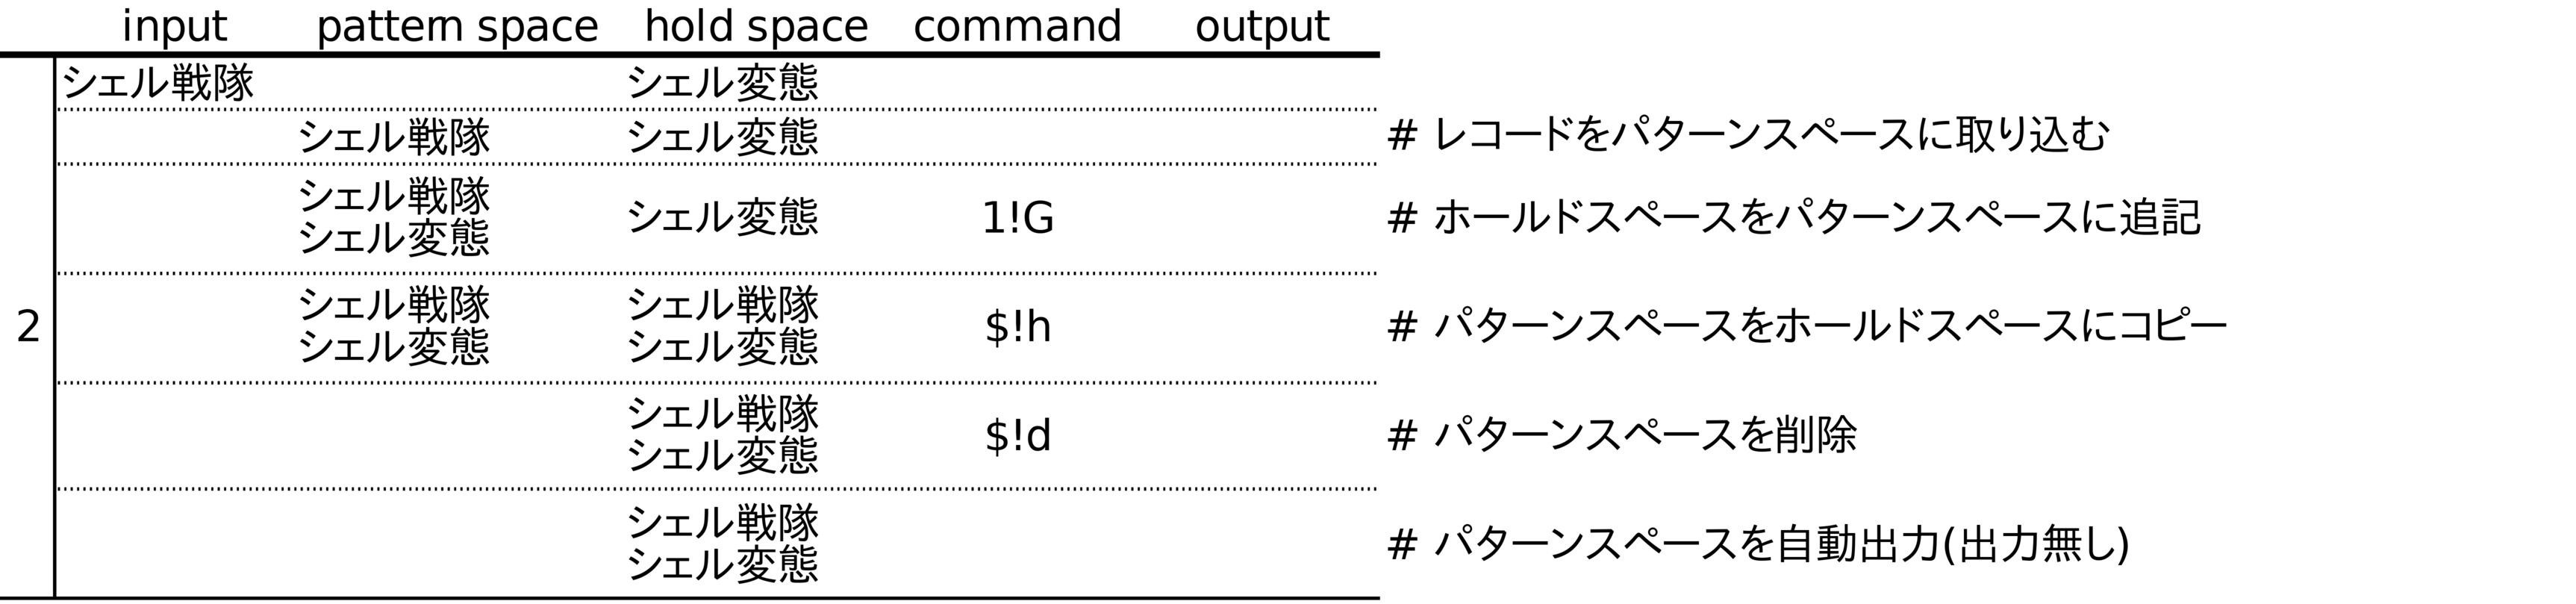 fig2-2-5.jpg